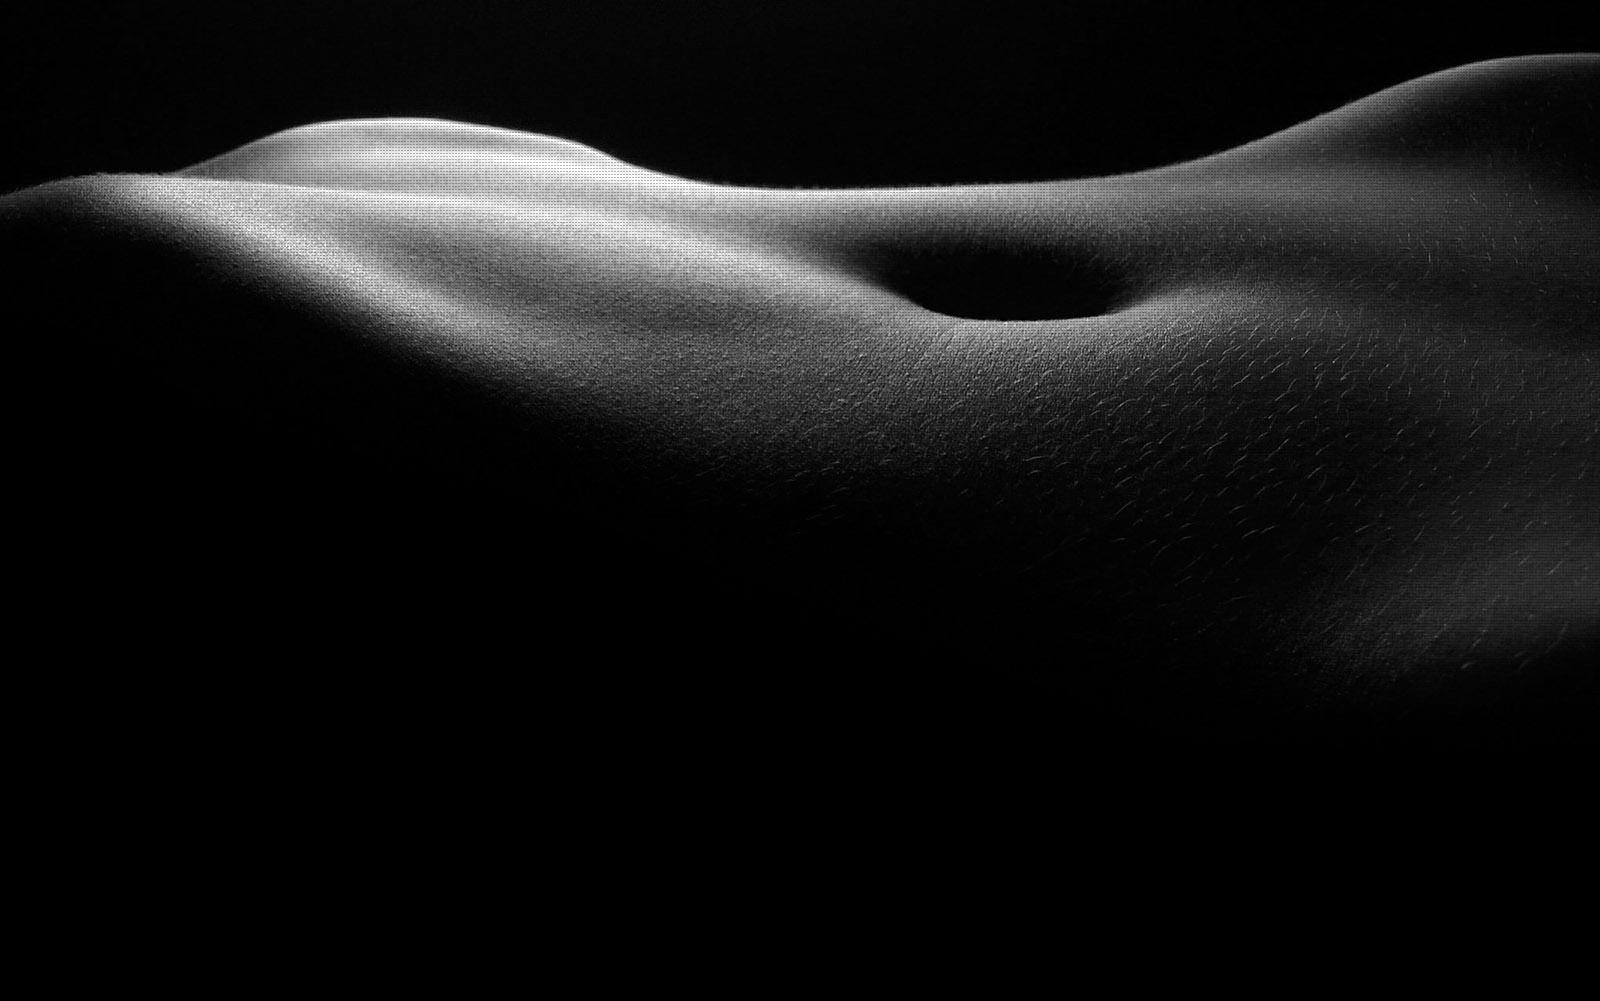 Черно белые картинки секс девушек 10 фотография